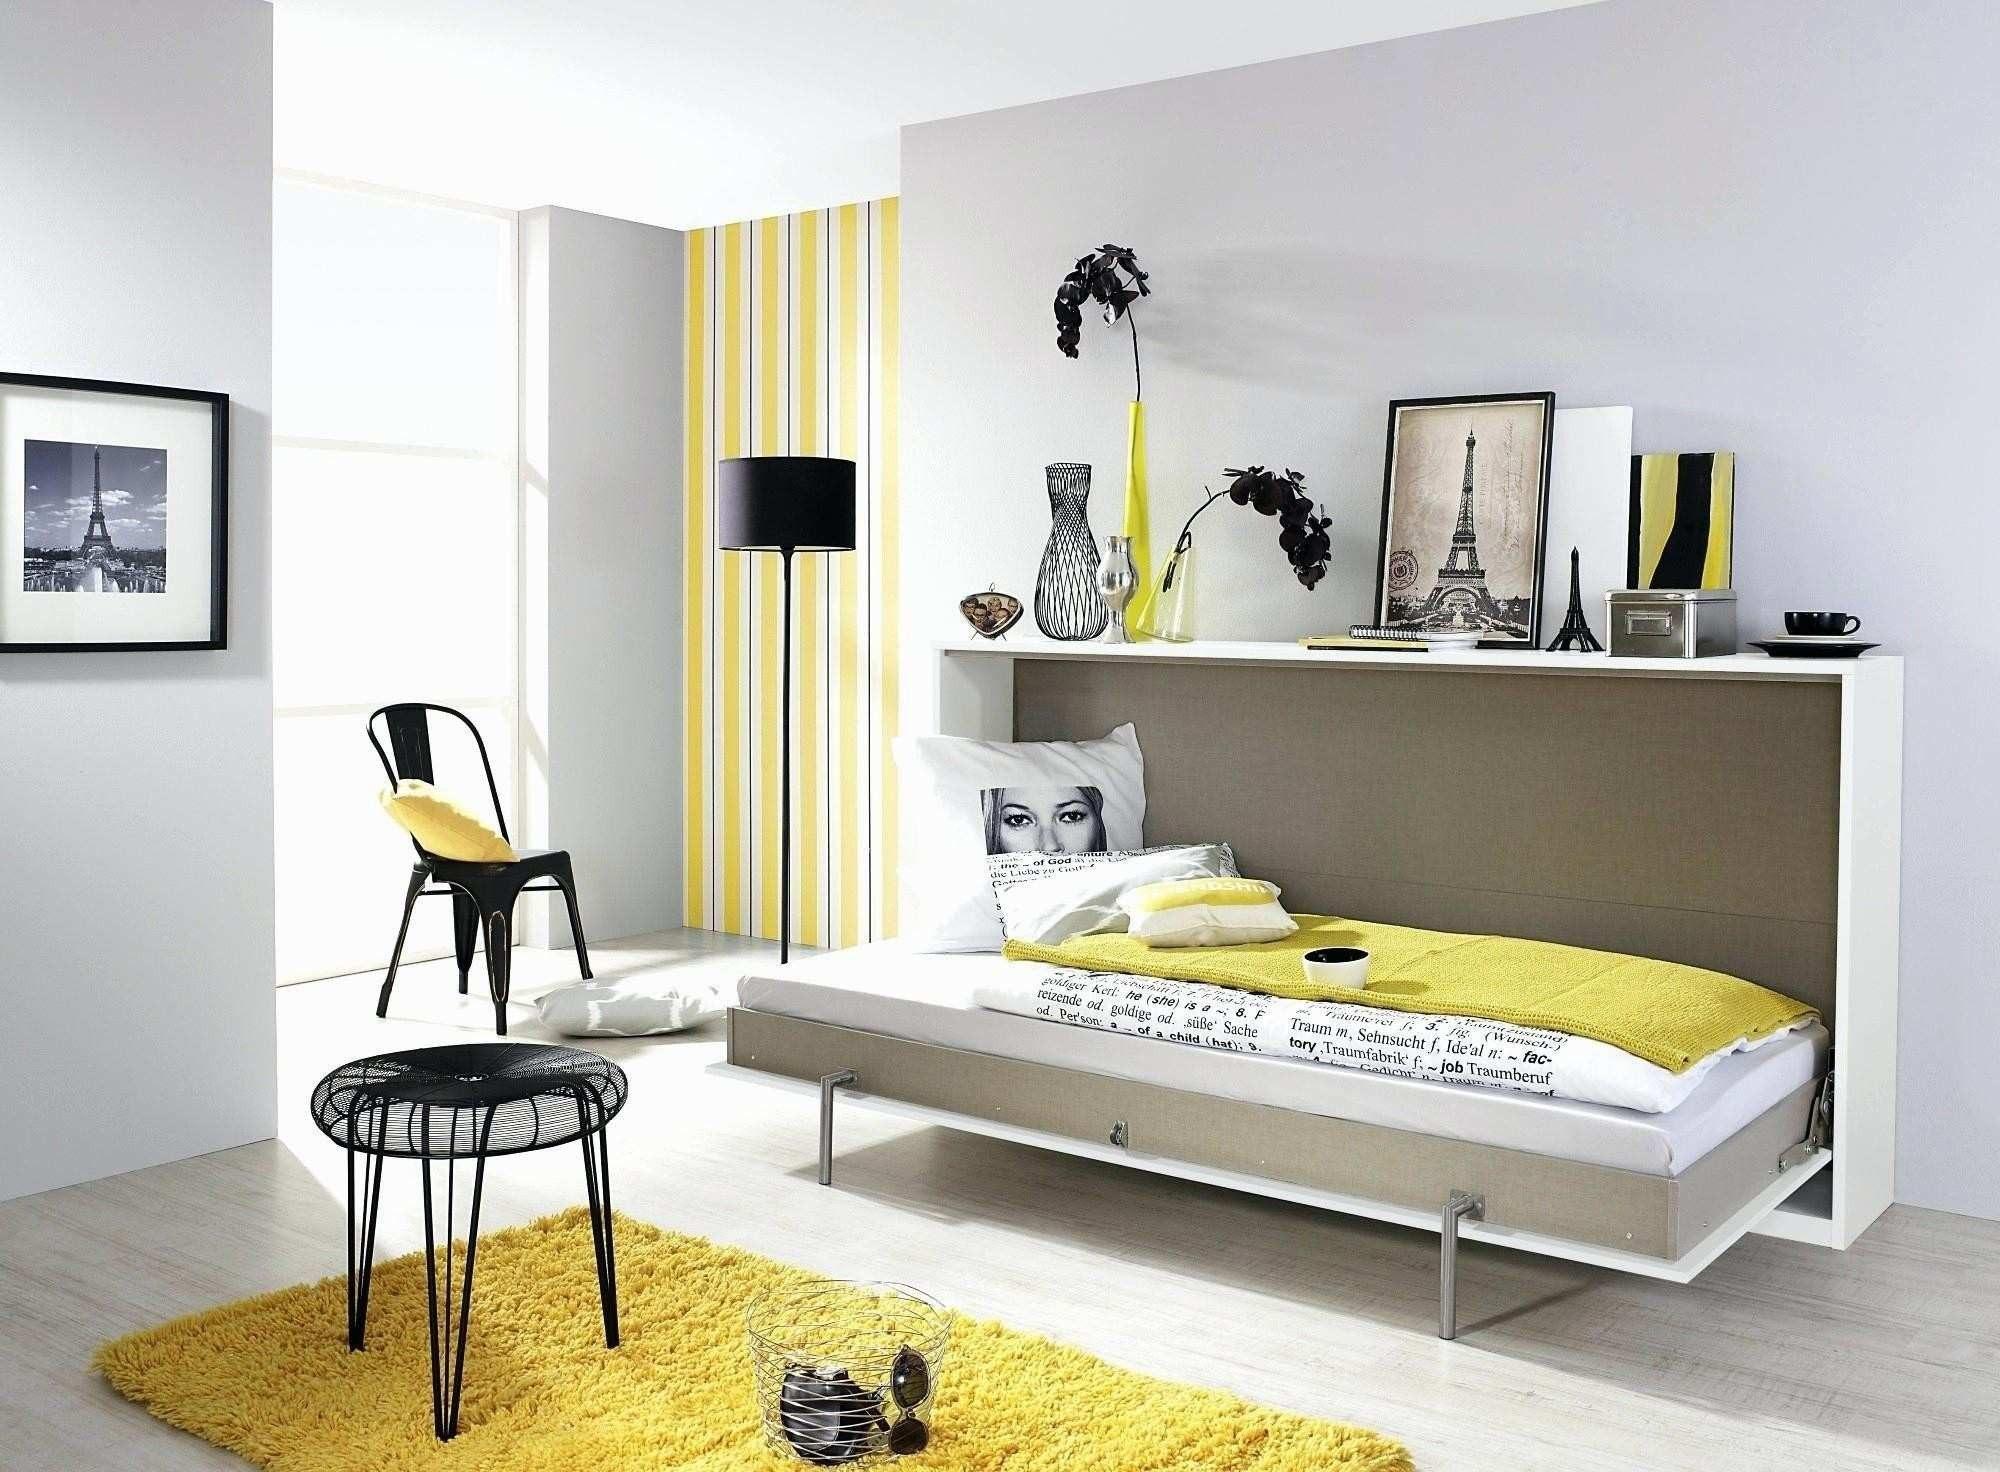 Lit Deux Places Ikea Nouveau Enchanteur Canape 2 Place Ikea Et Lit Convertible 2 Places Ikea